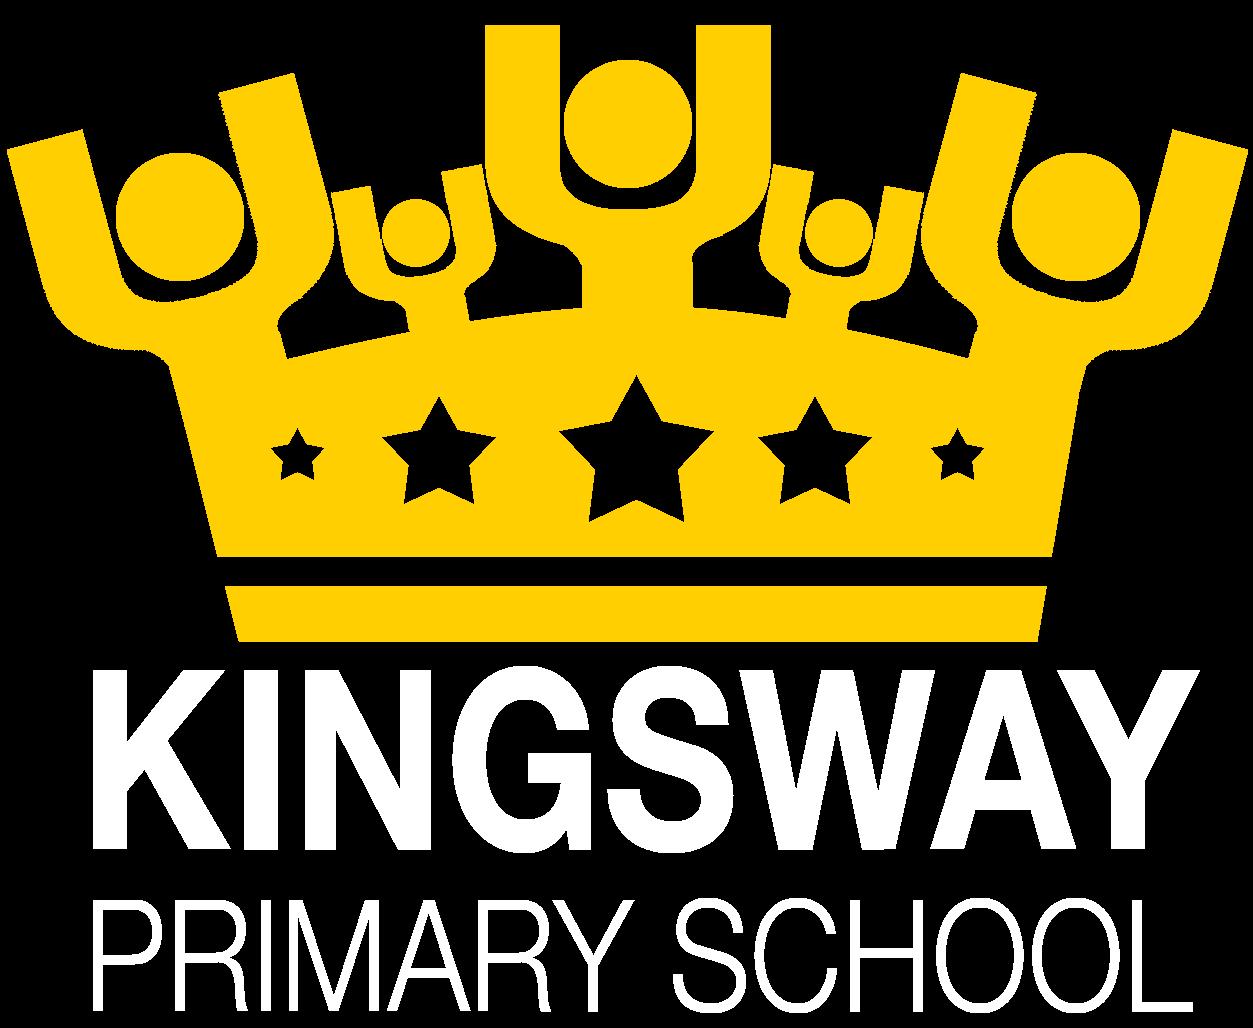 Kingsway Primary School